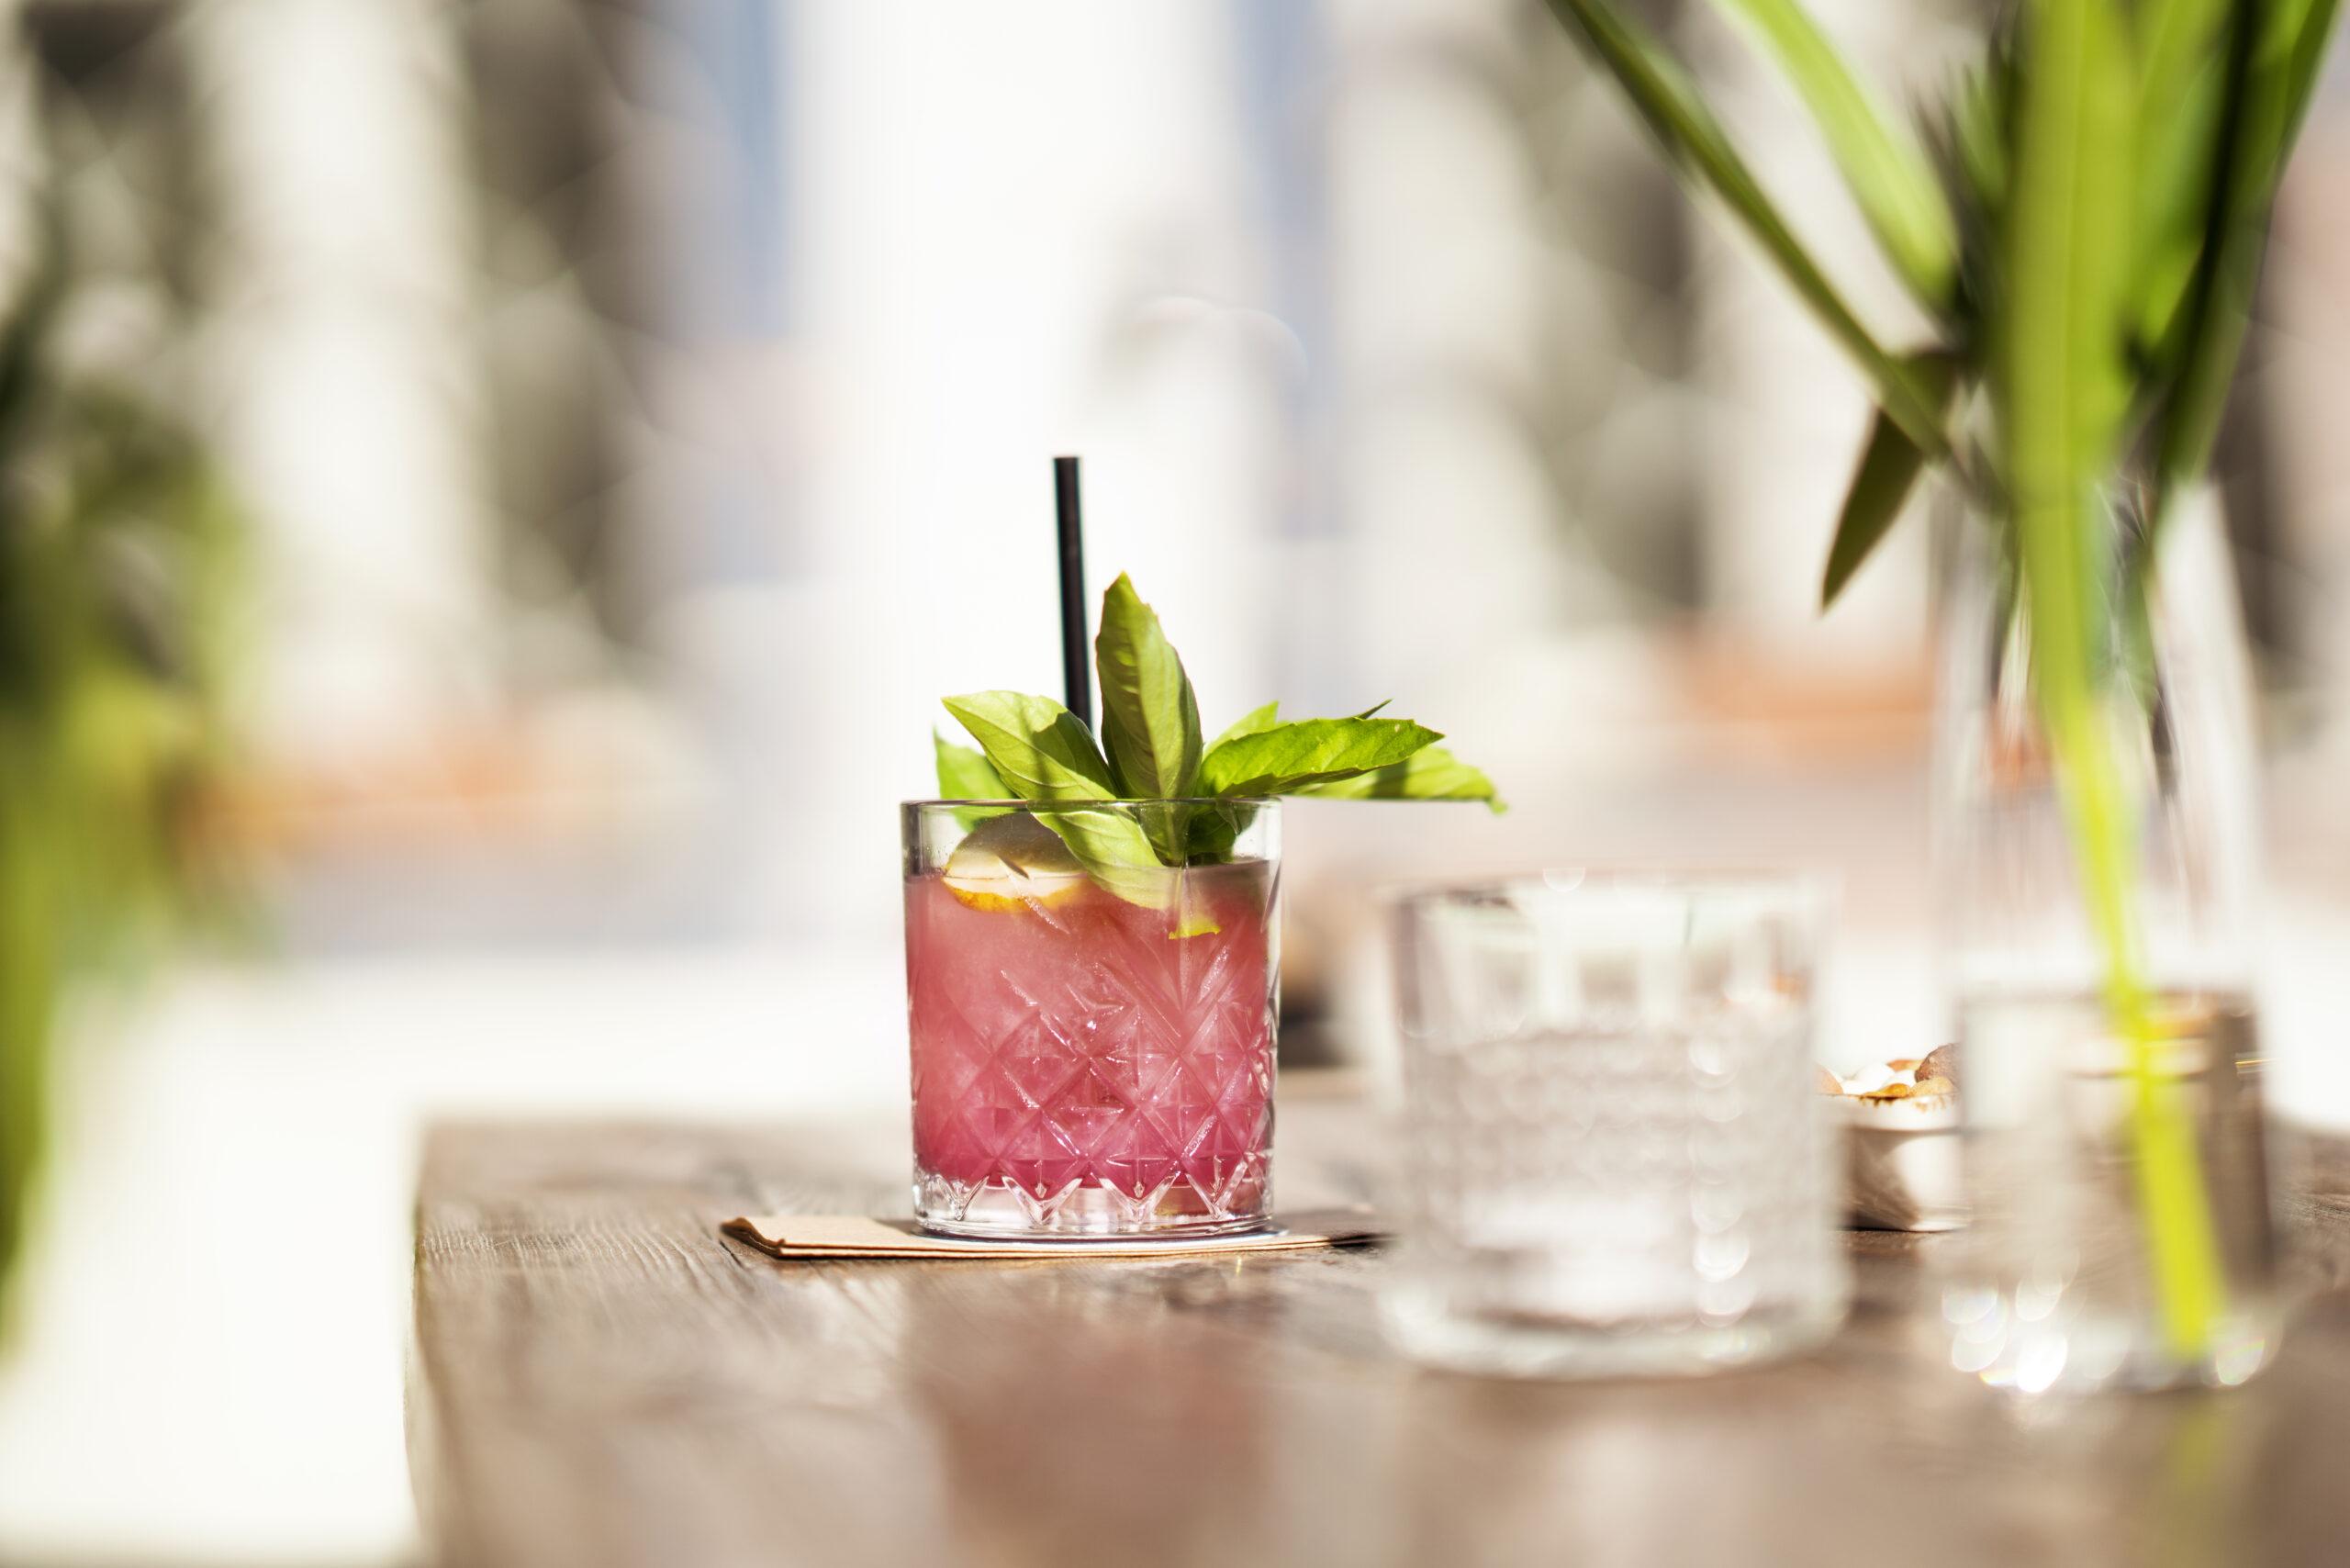 Αν σου έλειψε ένα cocktail, επίλεξε τη λύση του mocktail!